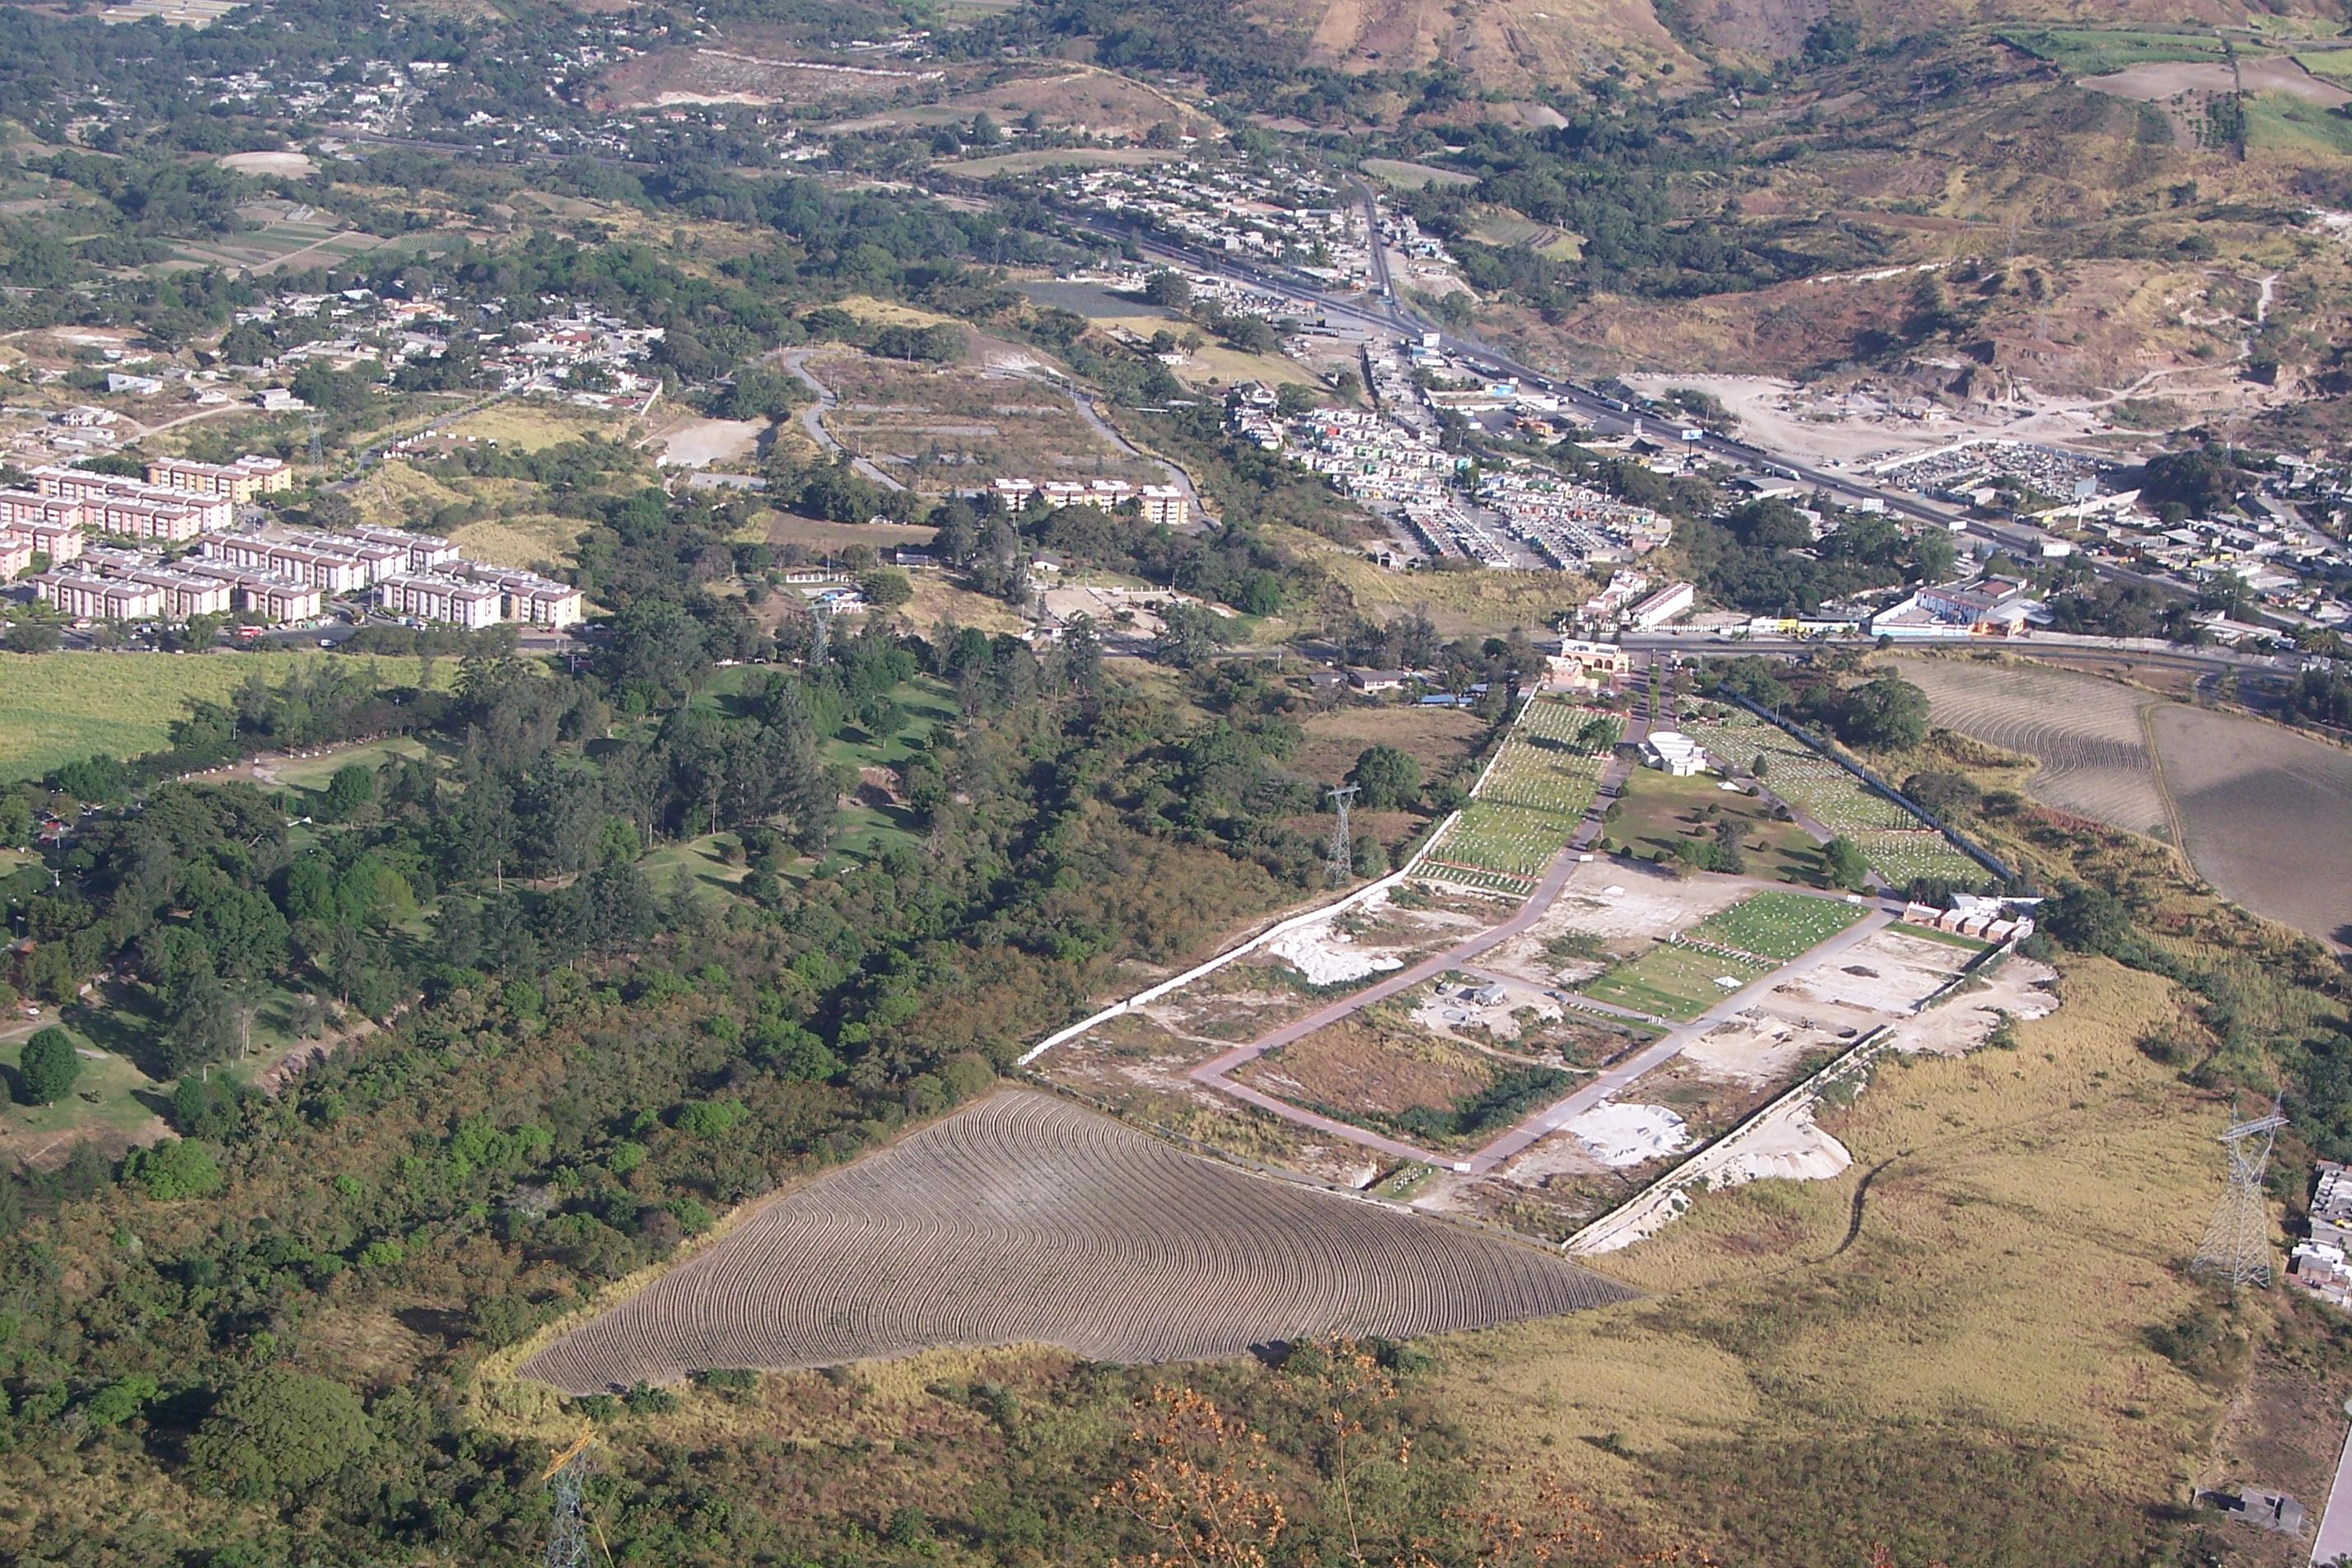 Panteon jardines de san juan y otras colonias for Cementerio jardin